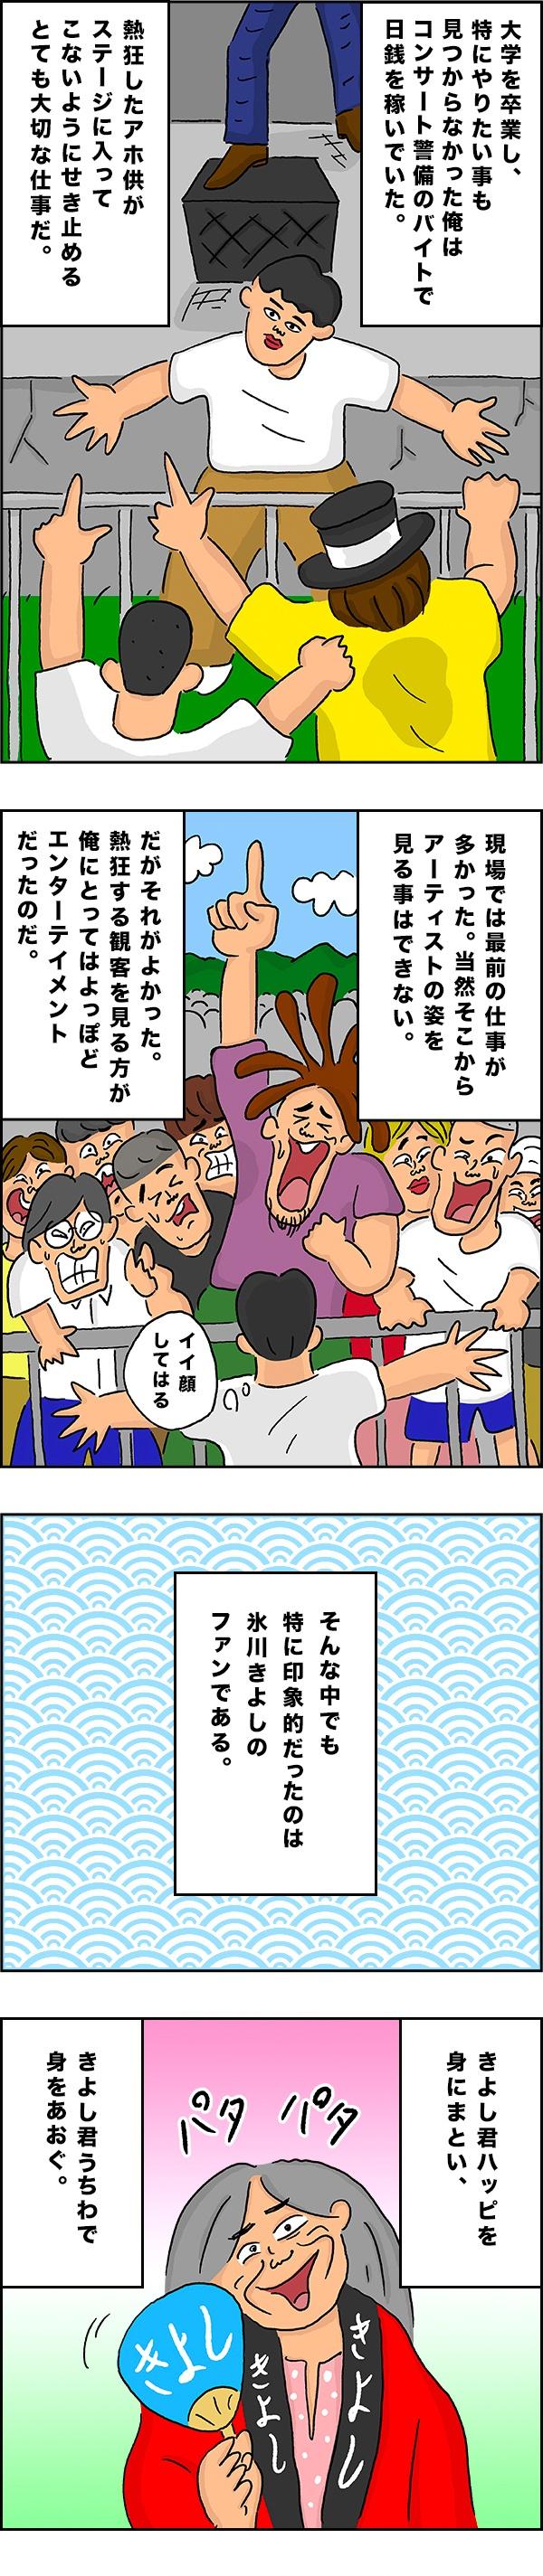 kiyoshi_01